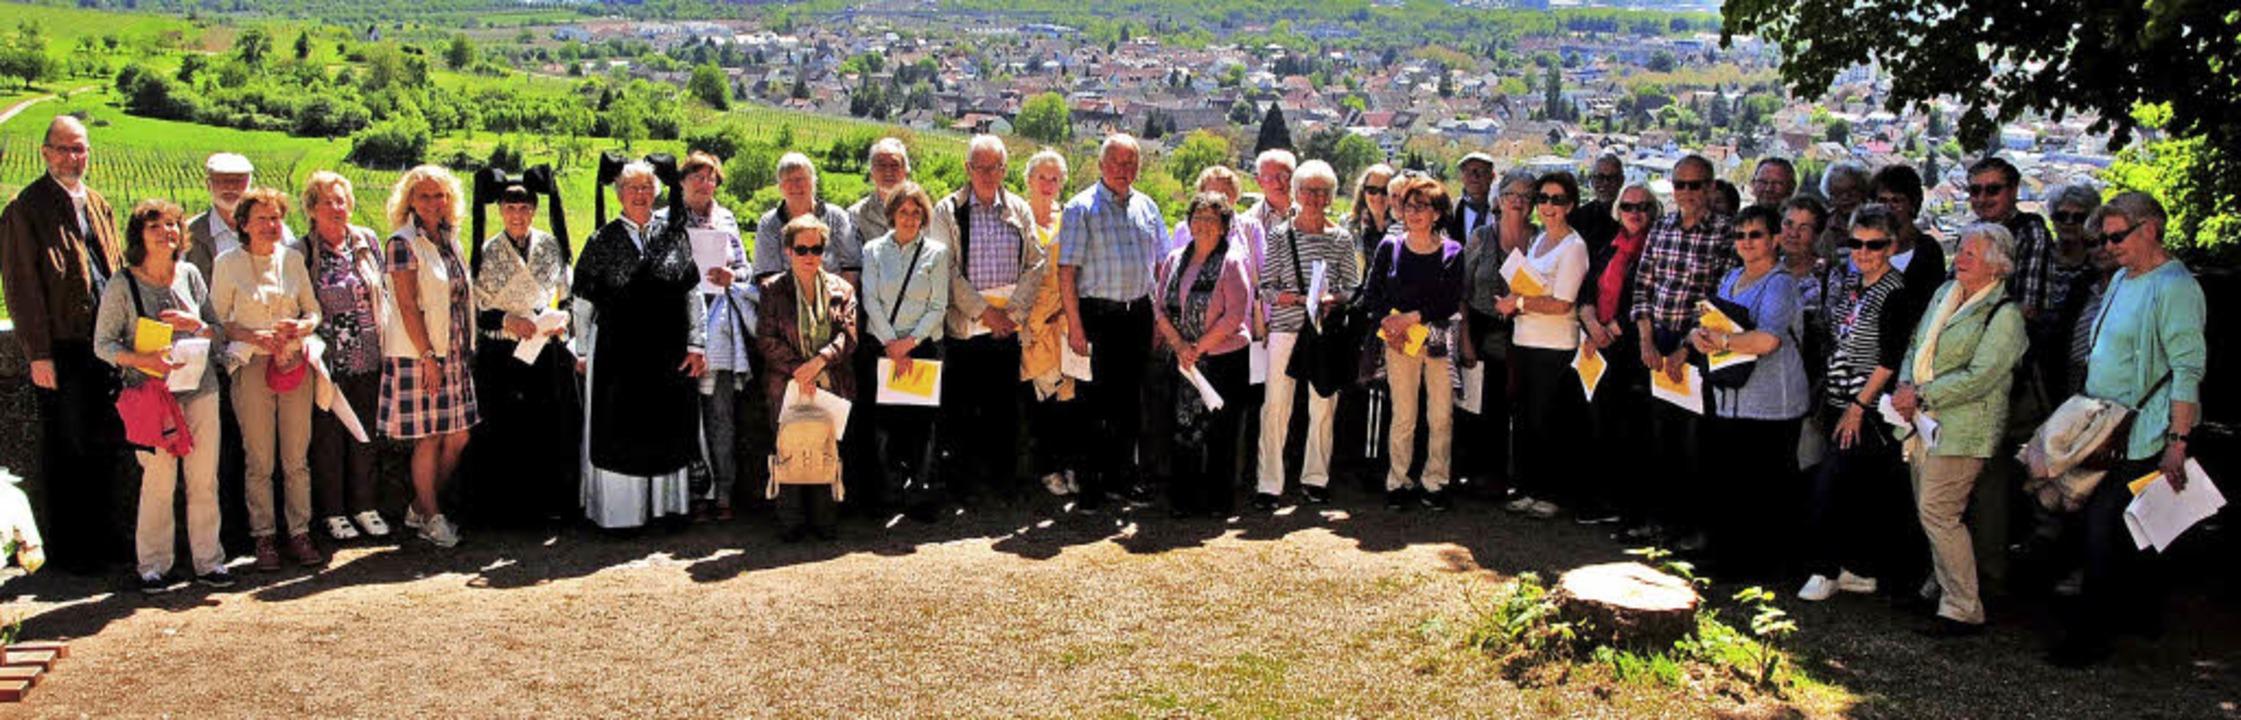 Auf der Aussichtsterrasse hinter der G...che versammelte sich die frohe Runde.   | Foto: Sedlak